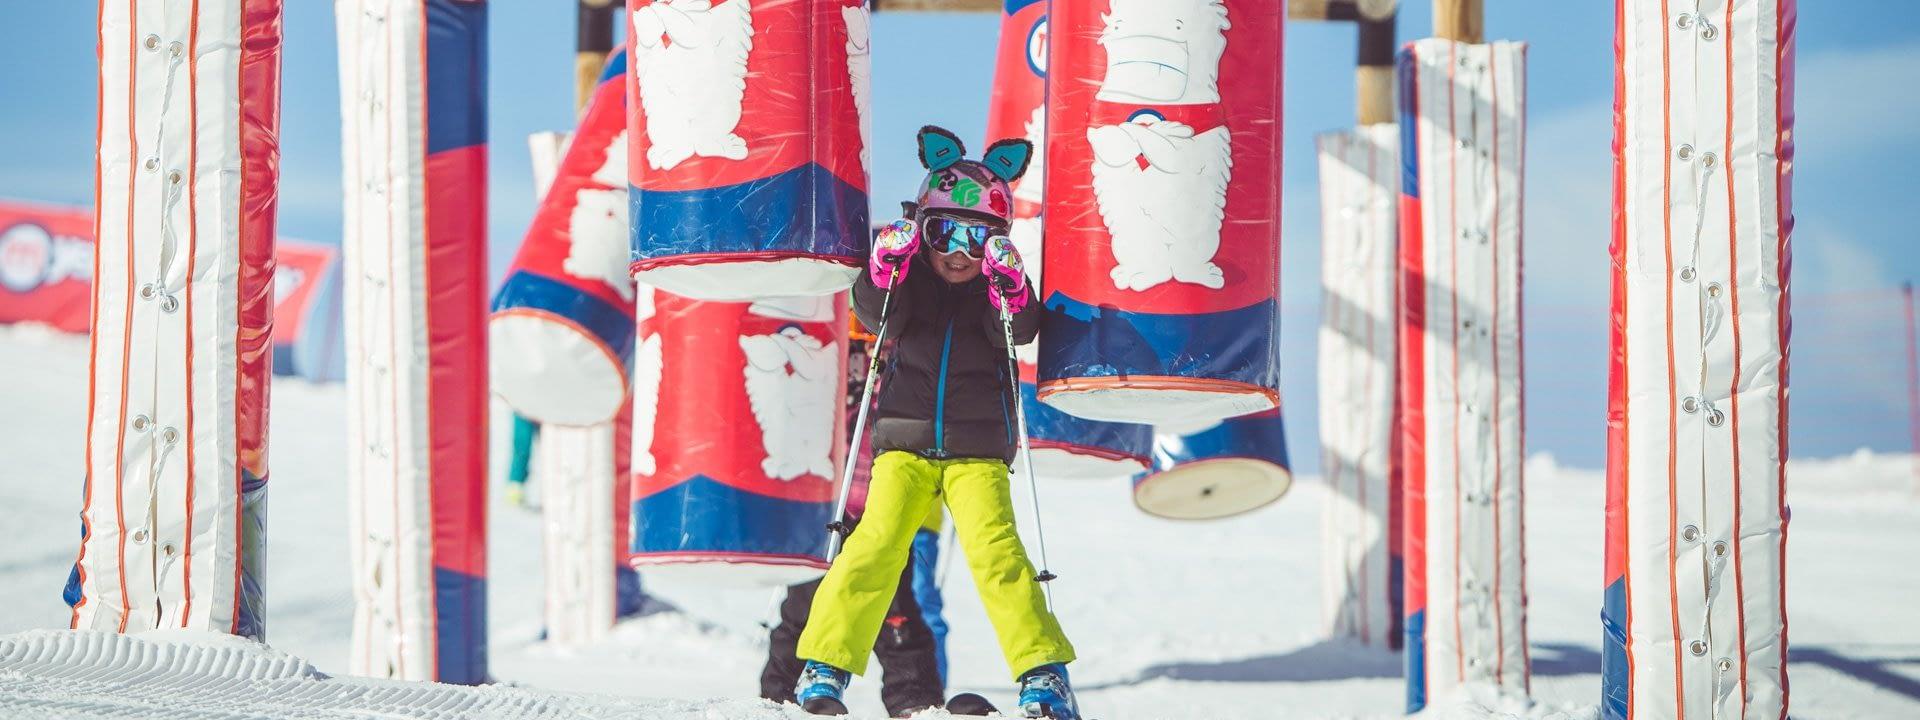 Bambini che si divertono sul percorso Yepi della ski area Mottolino a Livigno